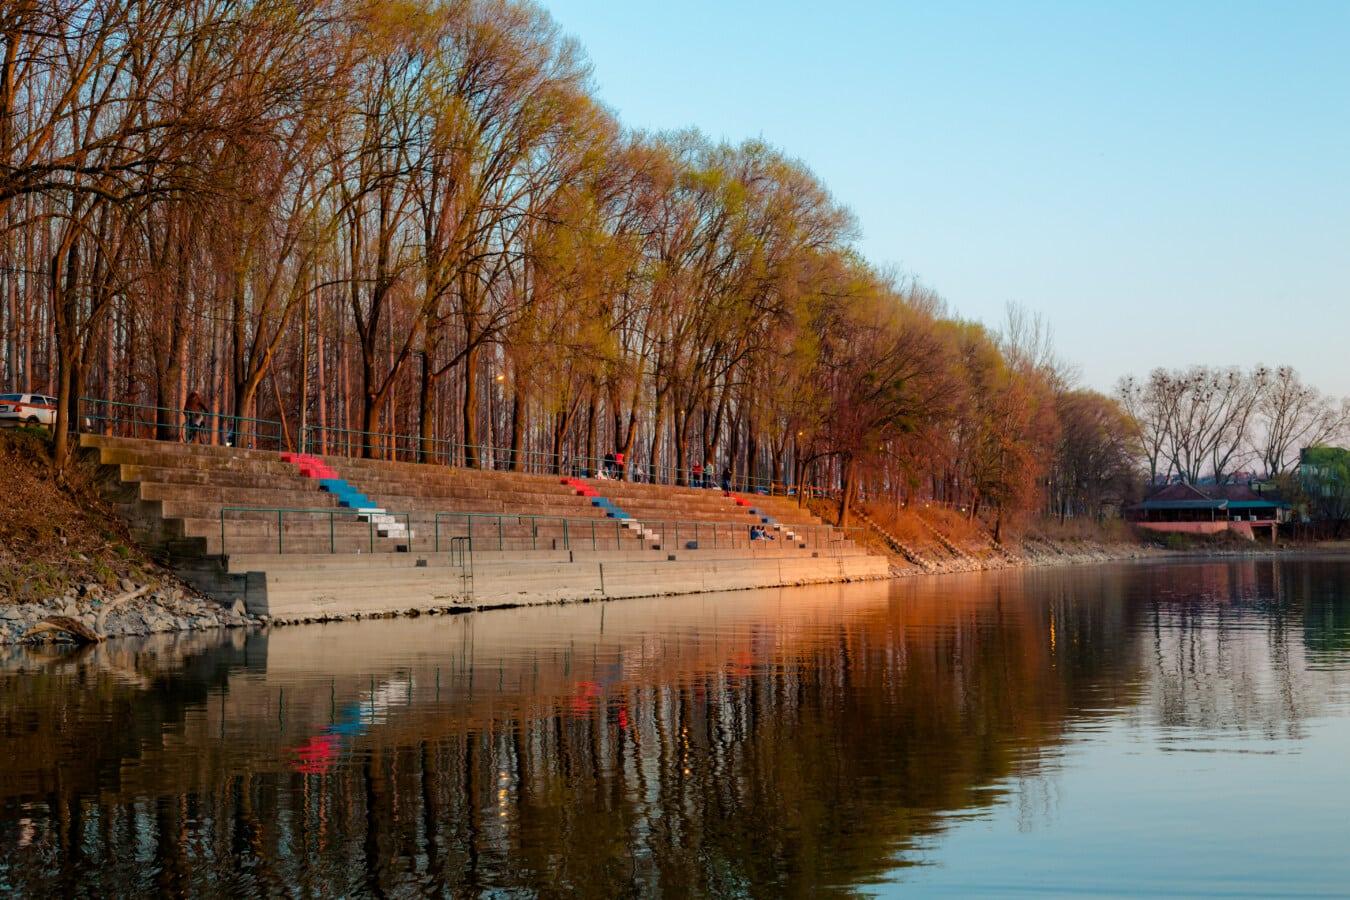 placide, atmosphère, calme, au bord du lac, escalier, Constitution, zone urbaine, rivière, arbre, paysage